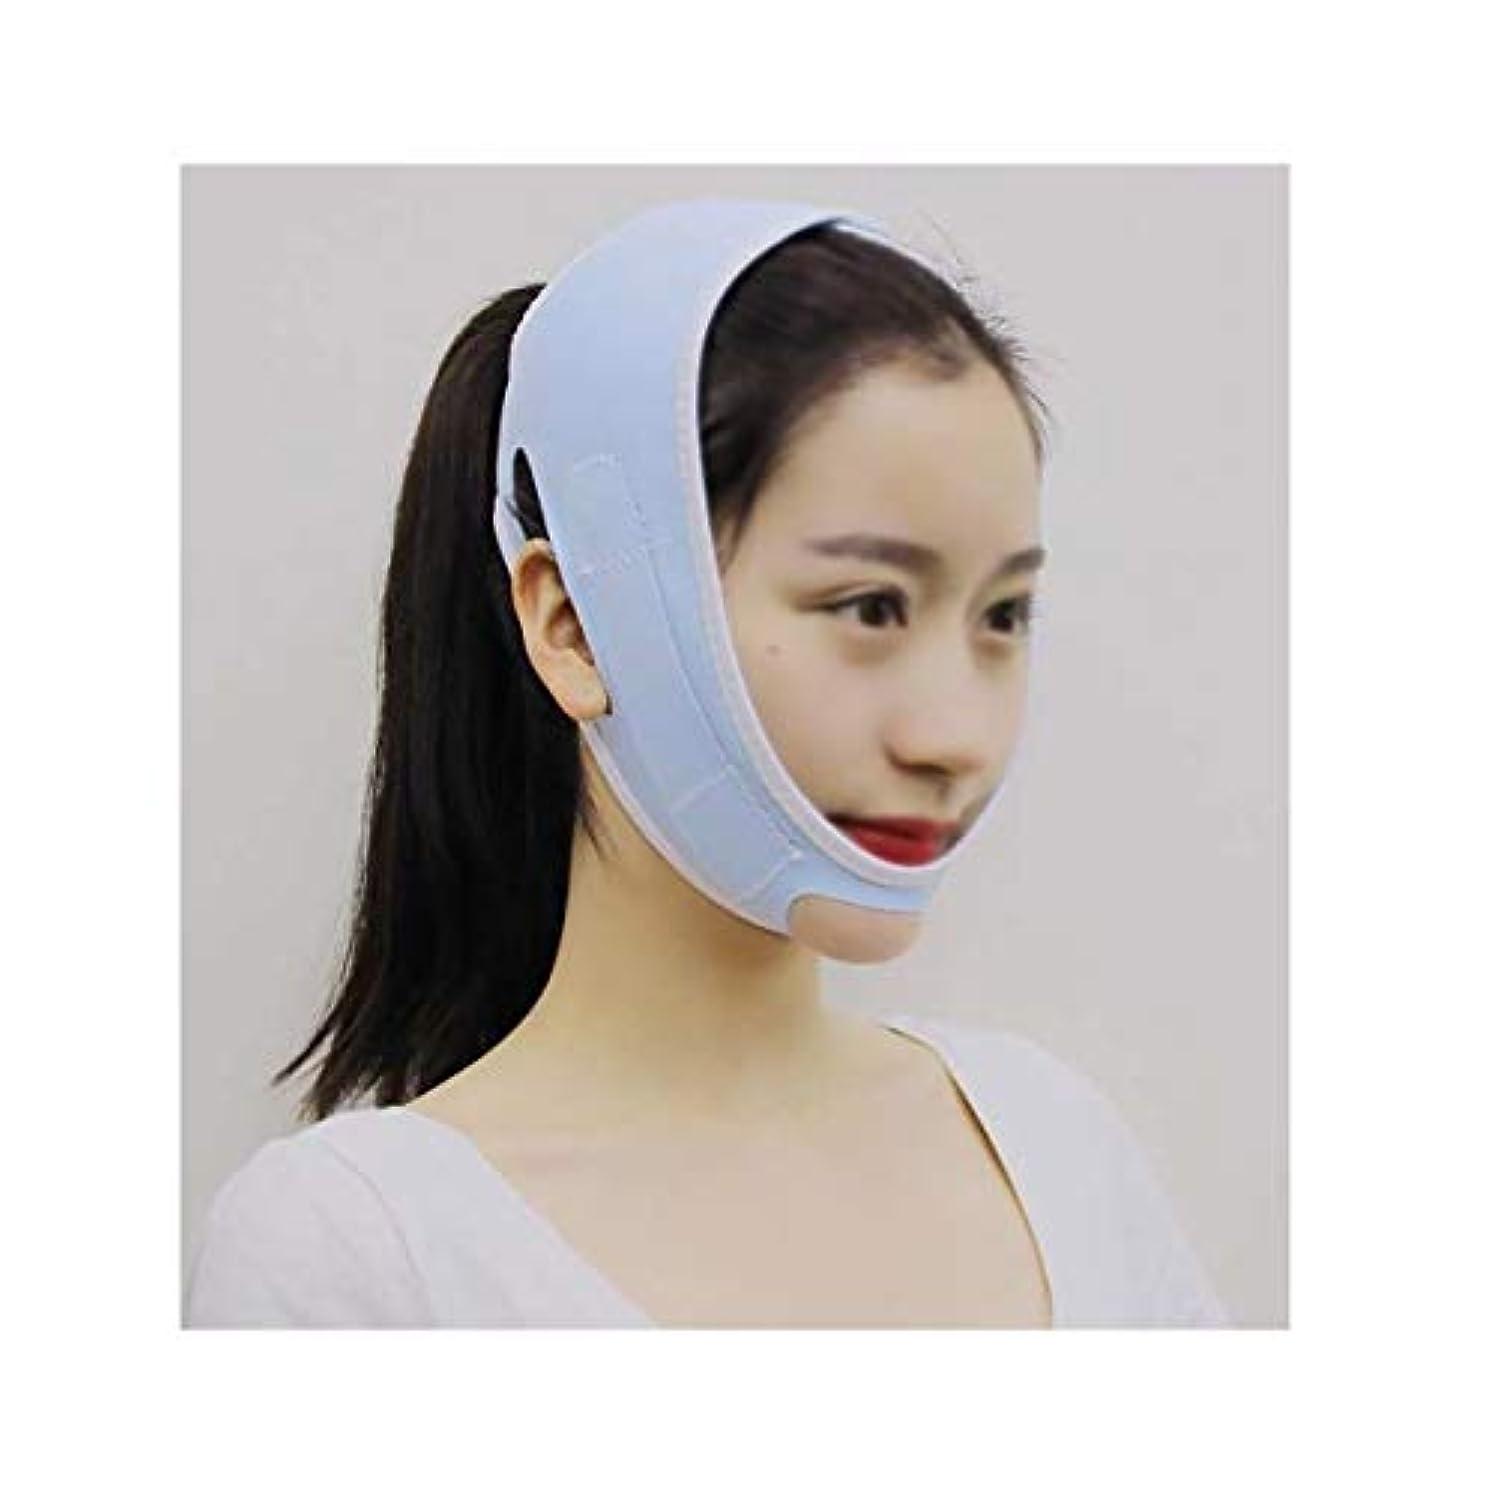 メリーインターネット徐々にGLJJQMY フェイシャルリフティングマスクあごストラップ修復包帯ヘッドバンドマスクフェイスリフティングスモールVフェイスアーティファクト型美容弾性フェイシャル&ネックリフティング 顔用整形マスク (Color : Blue)